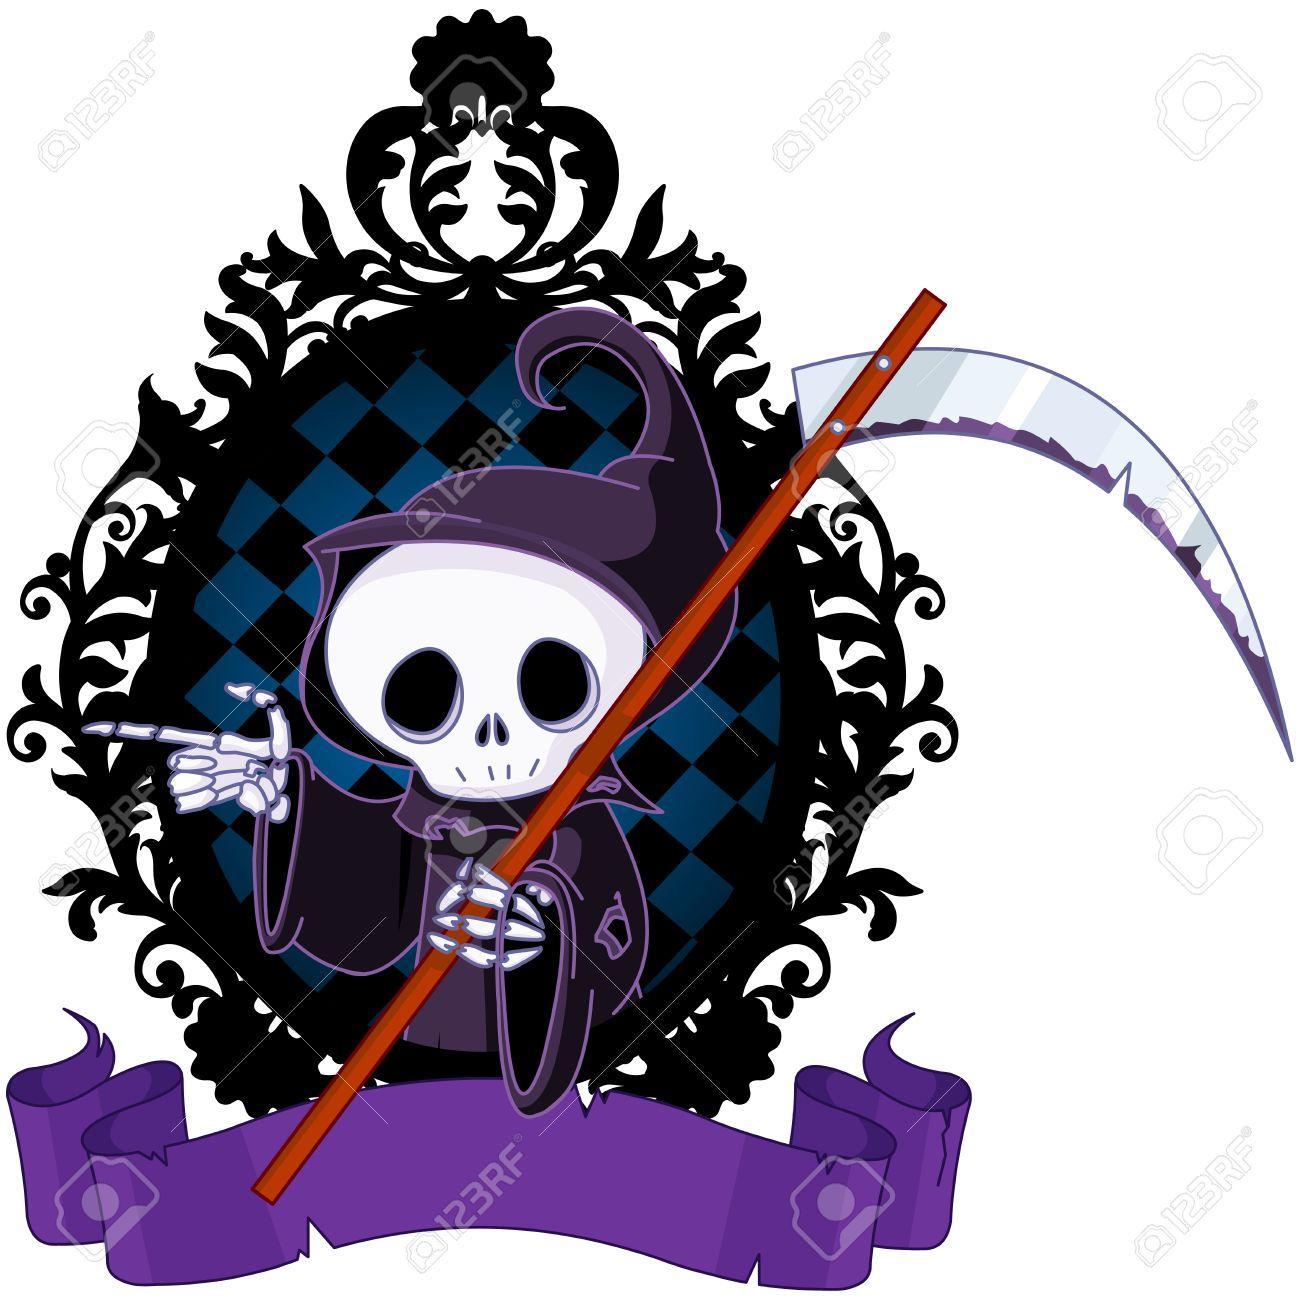 かわいい漫画死神鎌を指すとのイラスト素材ベクタ Image 63949719